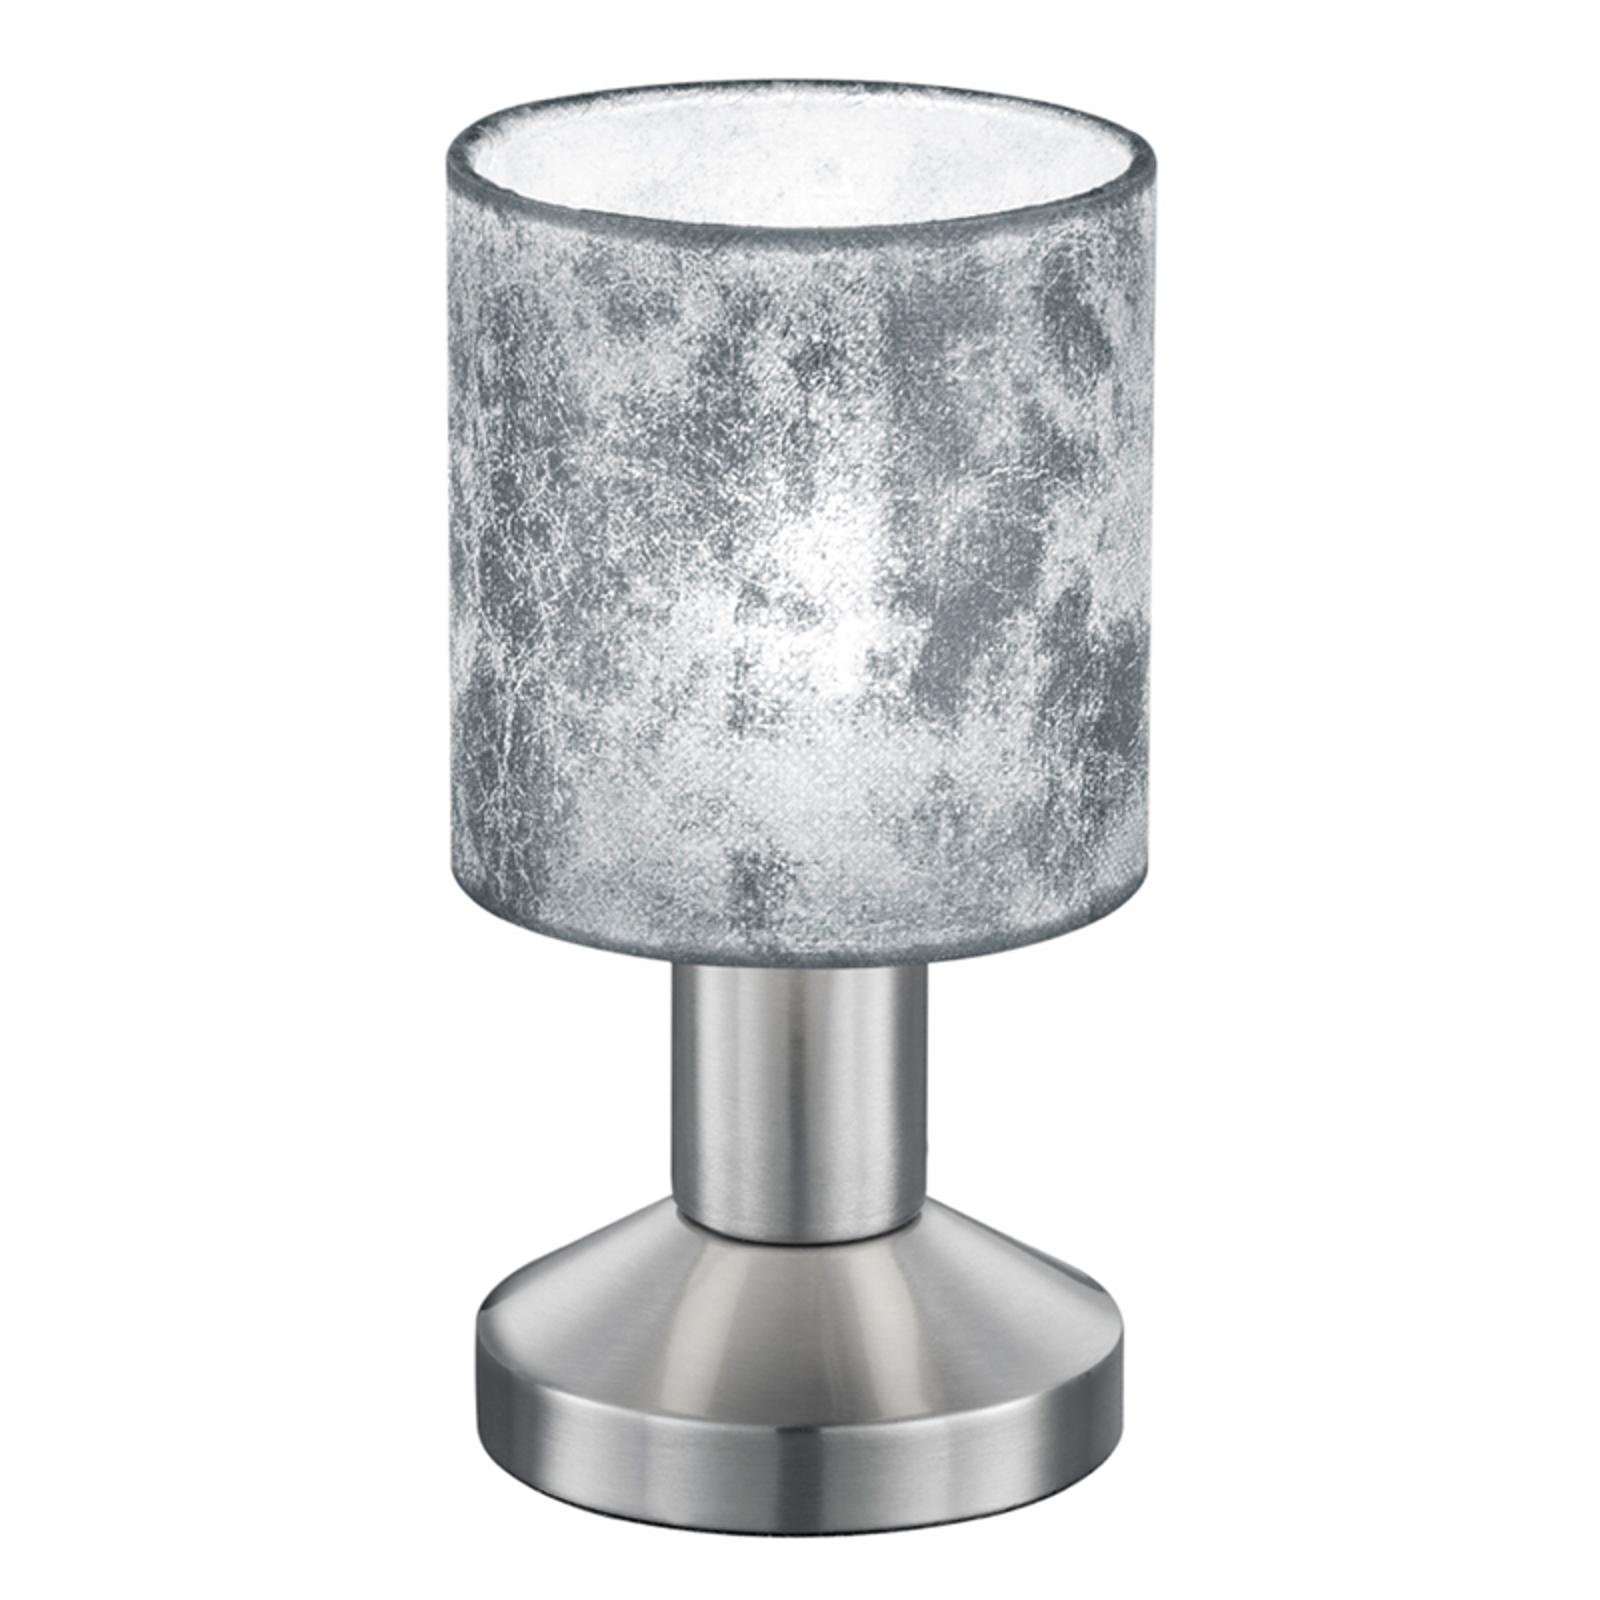 Zilverkleurige kunststof kap - tafellamp Garda